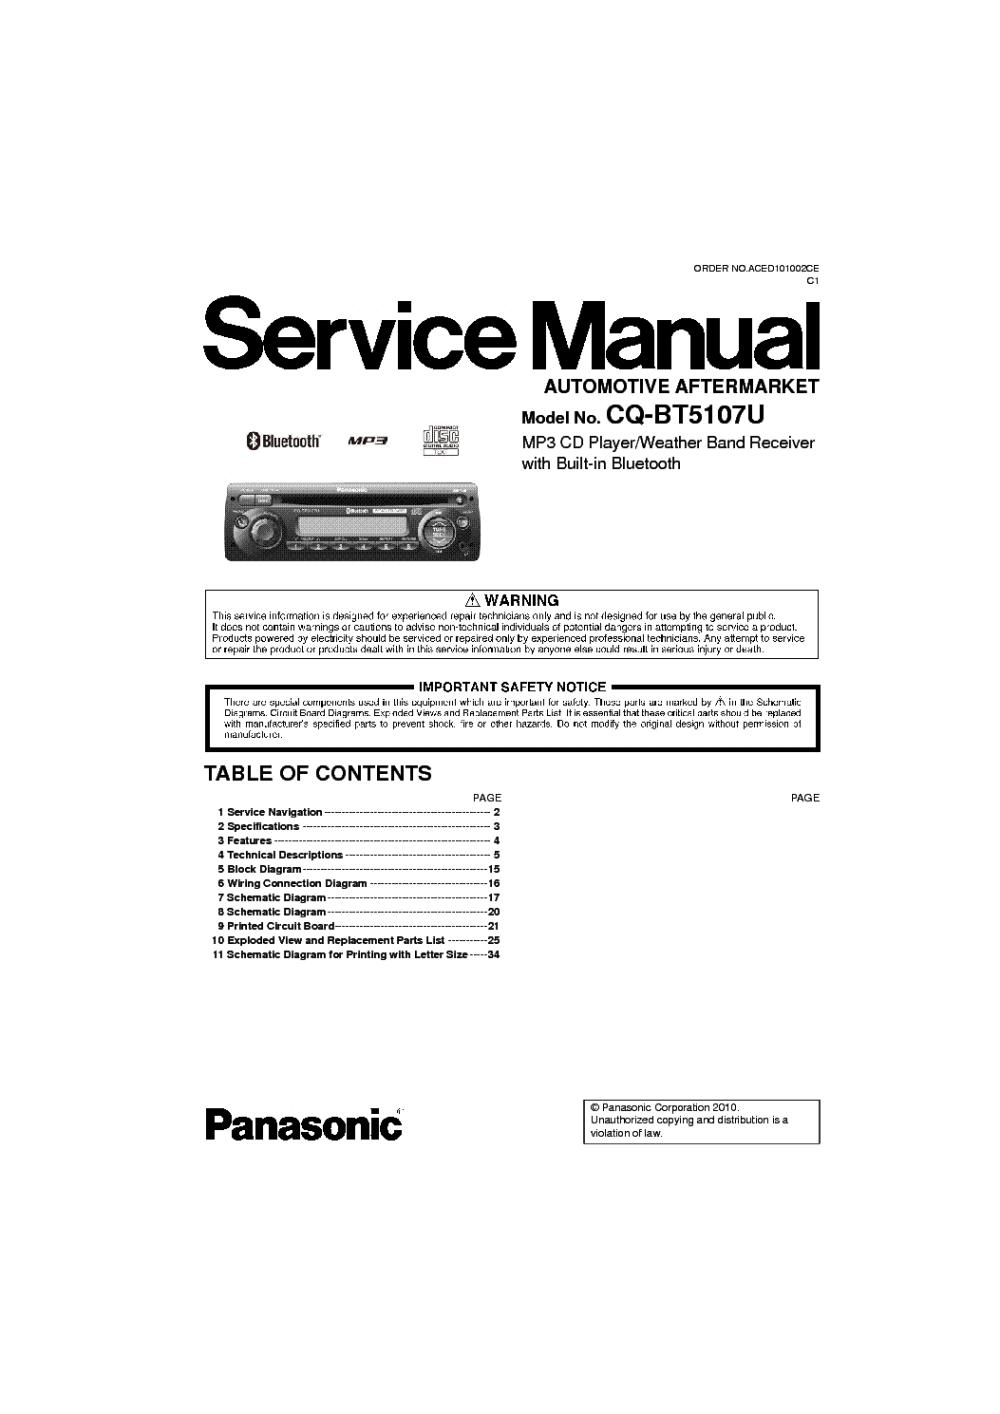 medium resolution of schematics panasonic cq bt5107u sm pdf 1 panasonic cq c1333u car audio service manual download